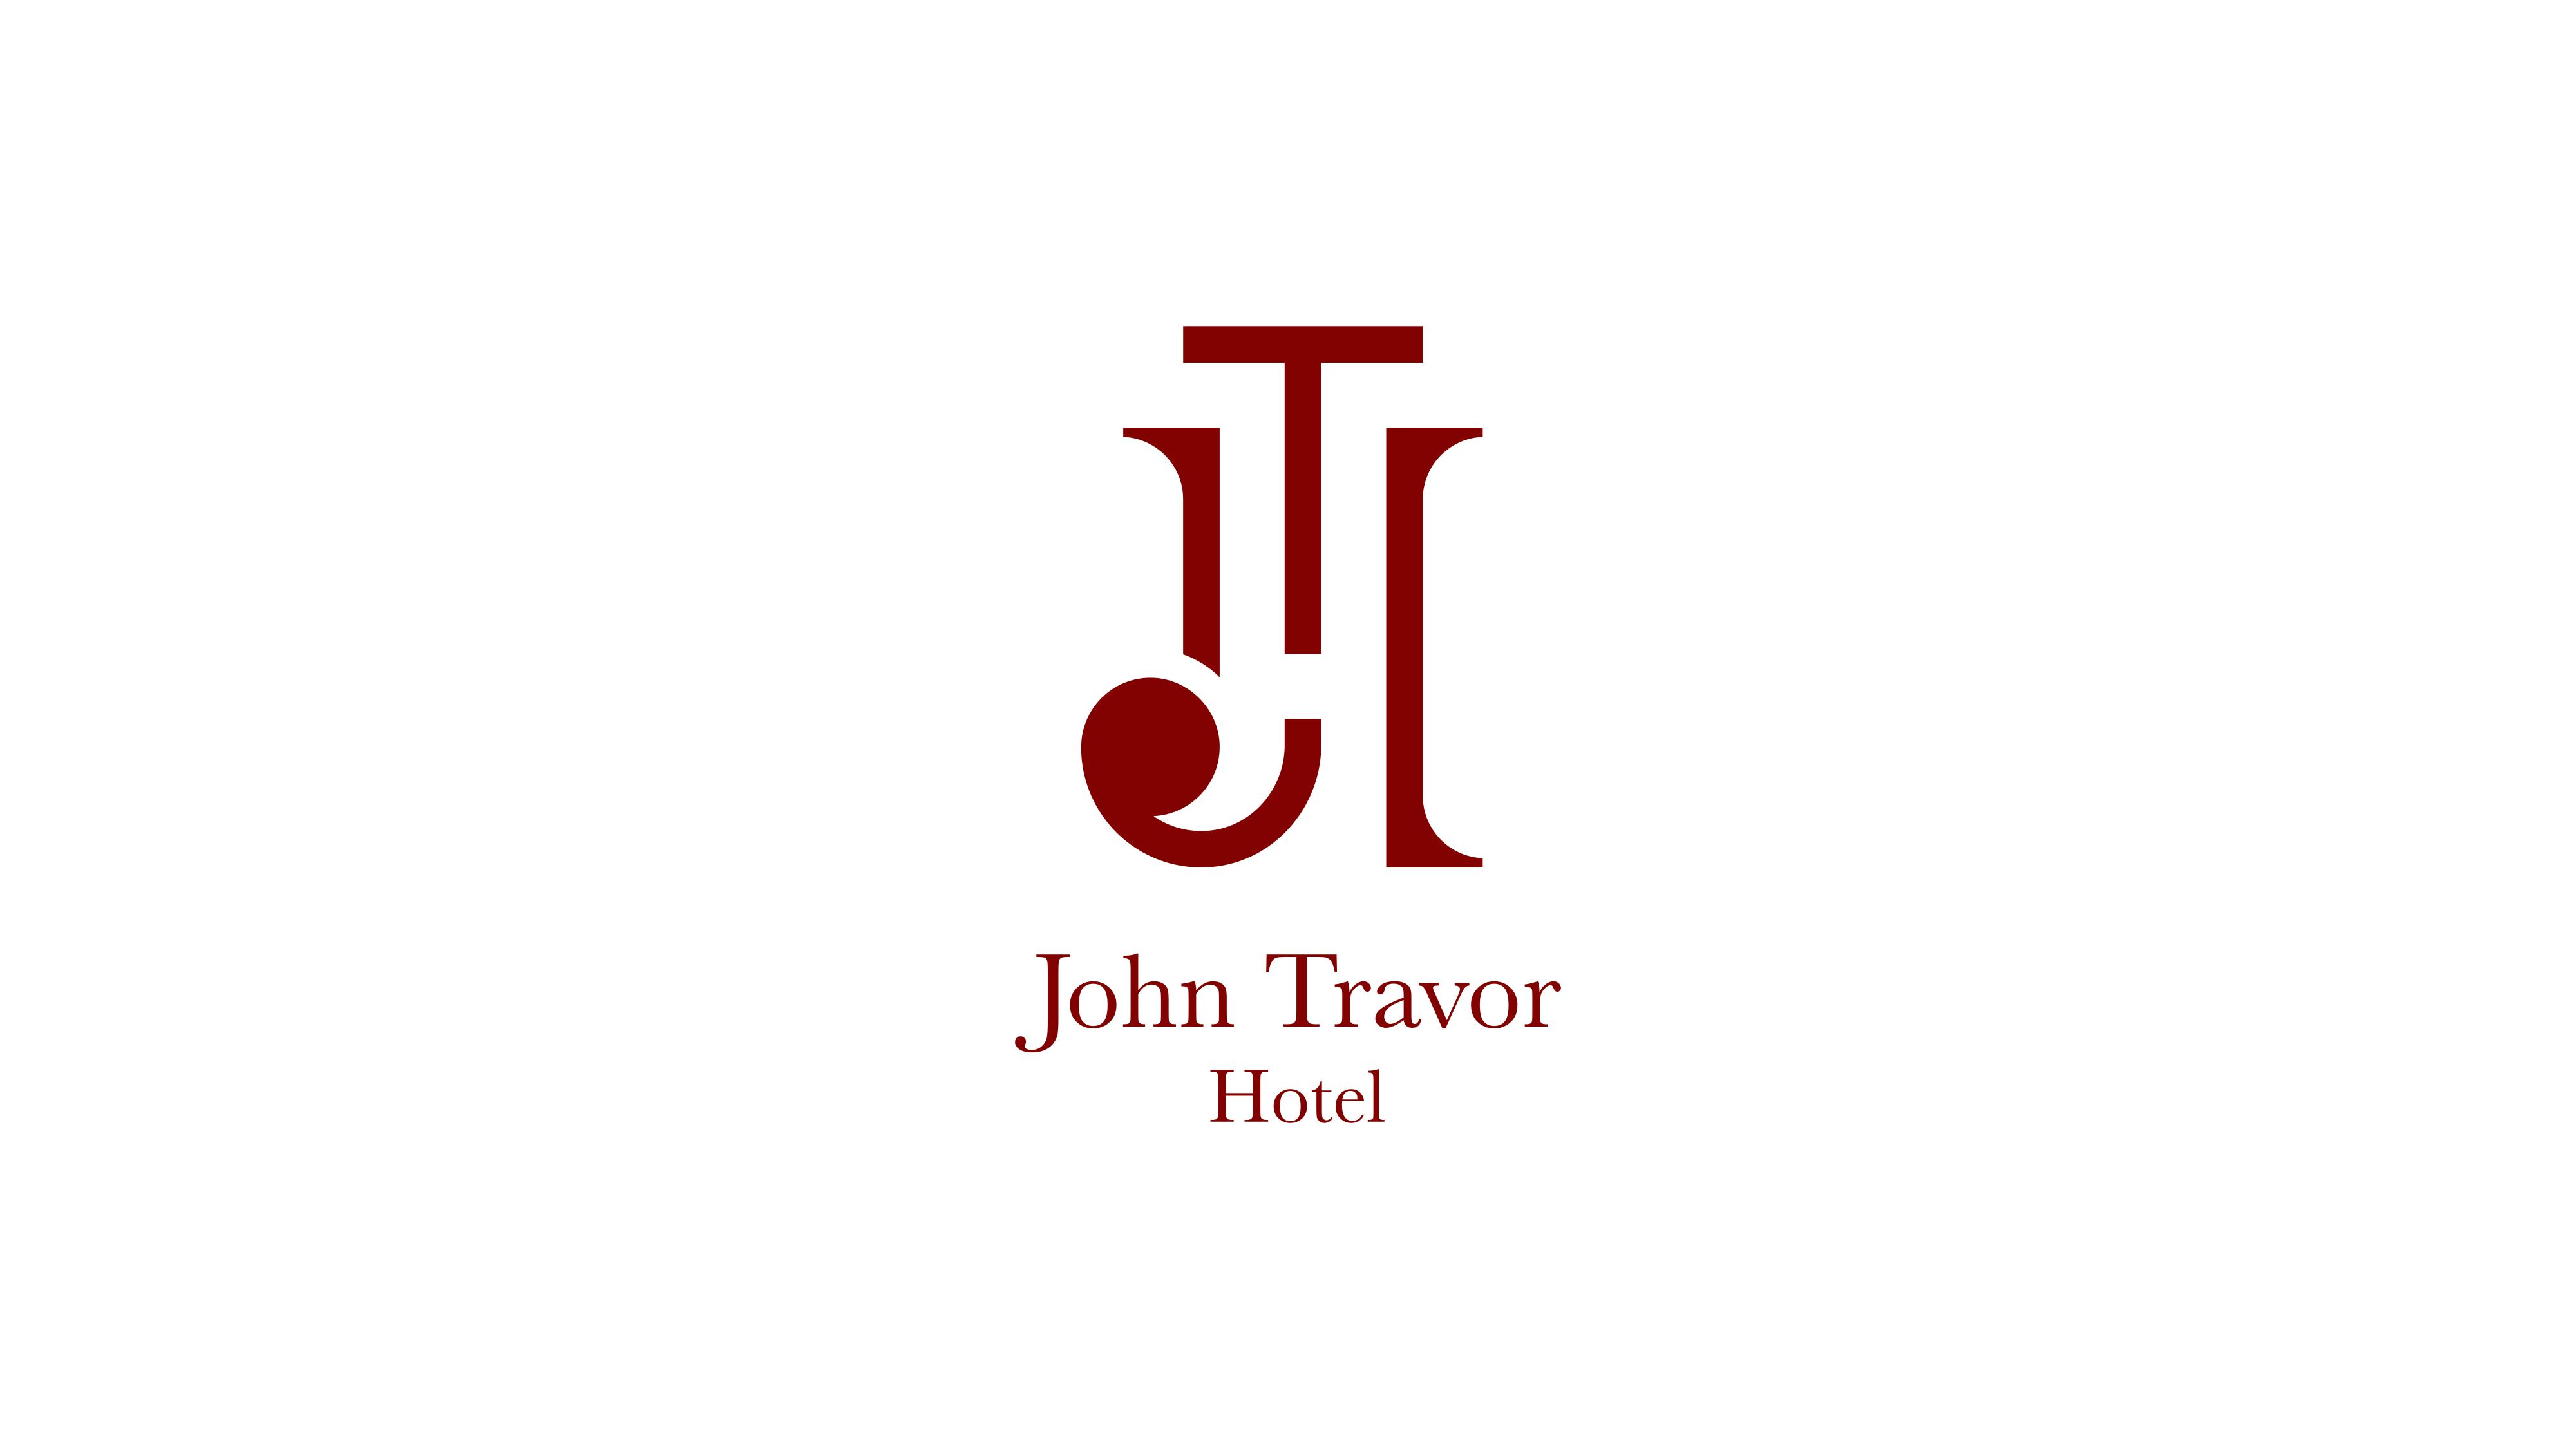 logo di john travor hotel bordeaux su sfondo bianco